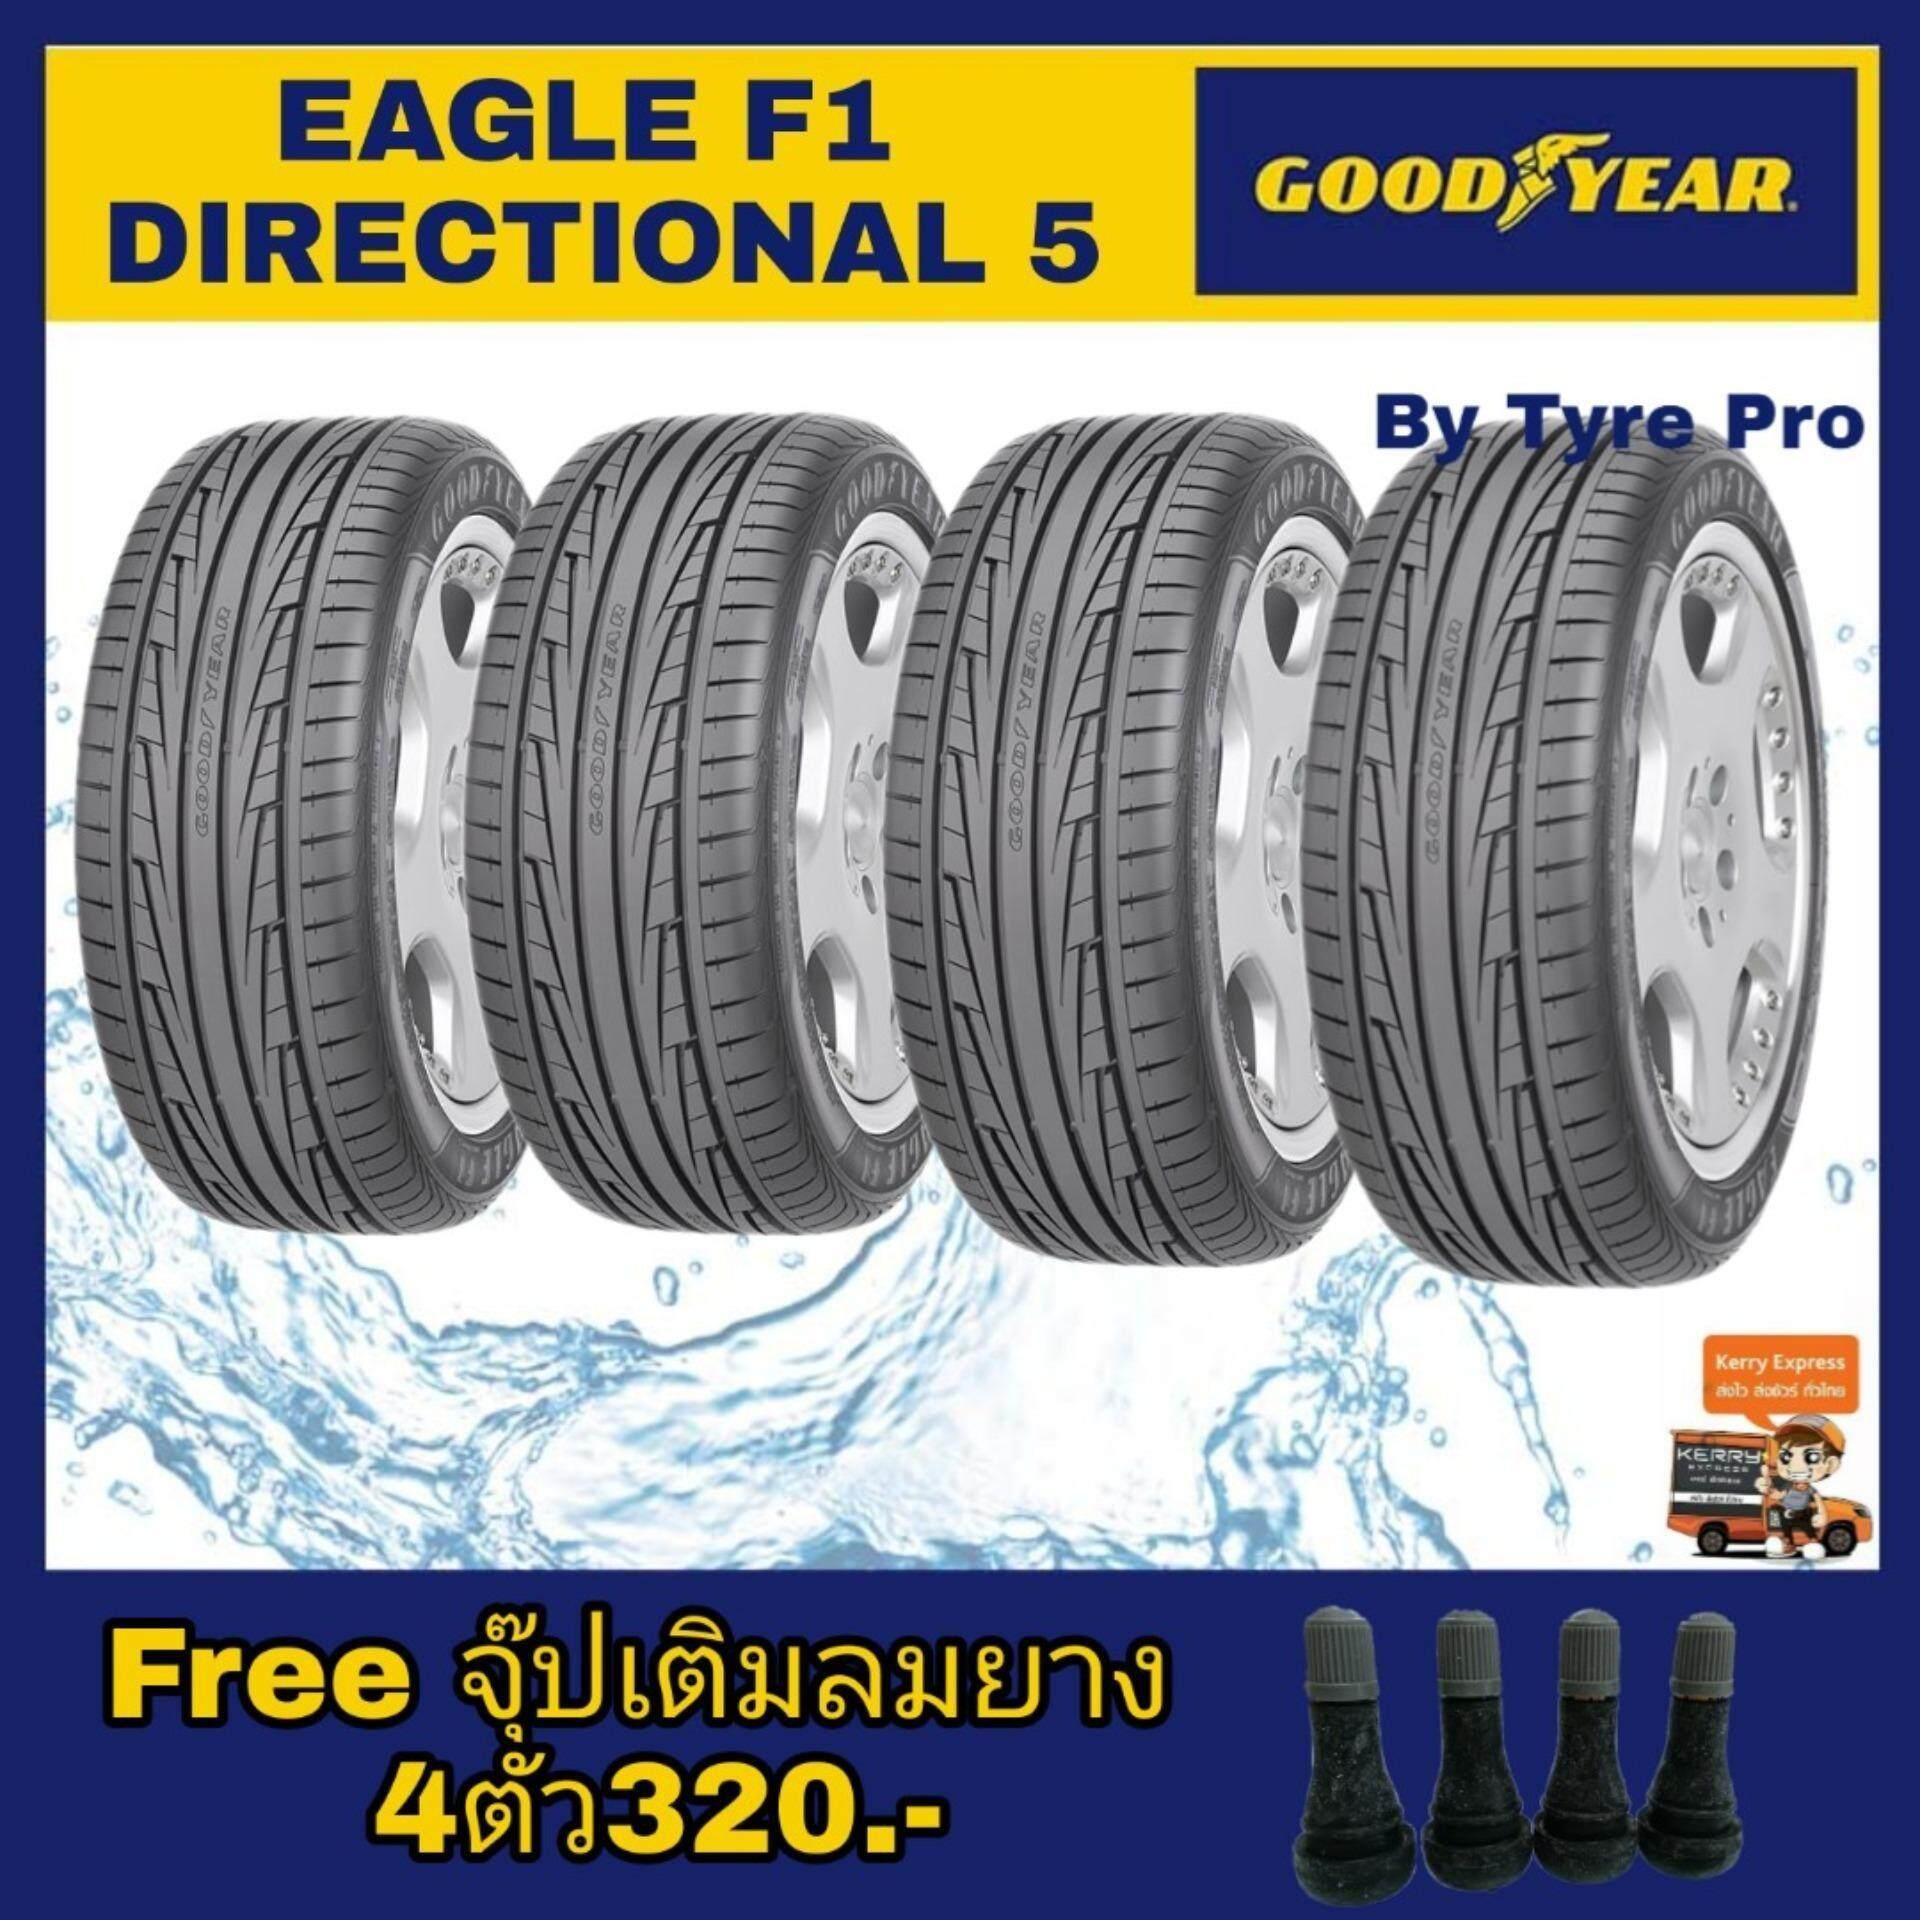 ประกันภัย รถยนต์ 3 พลัส ราคา ถูก สงขลา Goodyear ยางรถยนต์ 225/45R17 รุ่น Eagle F1 Directional 5 (4 เส้น)